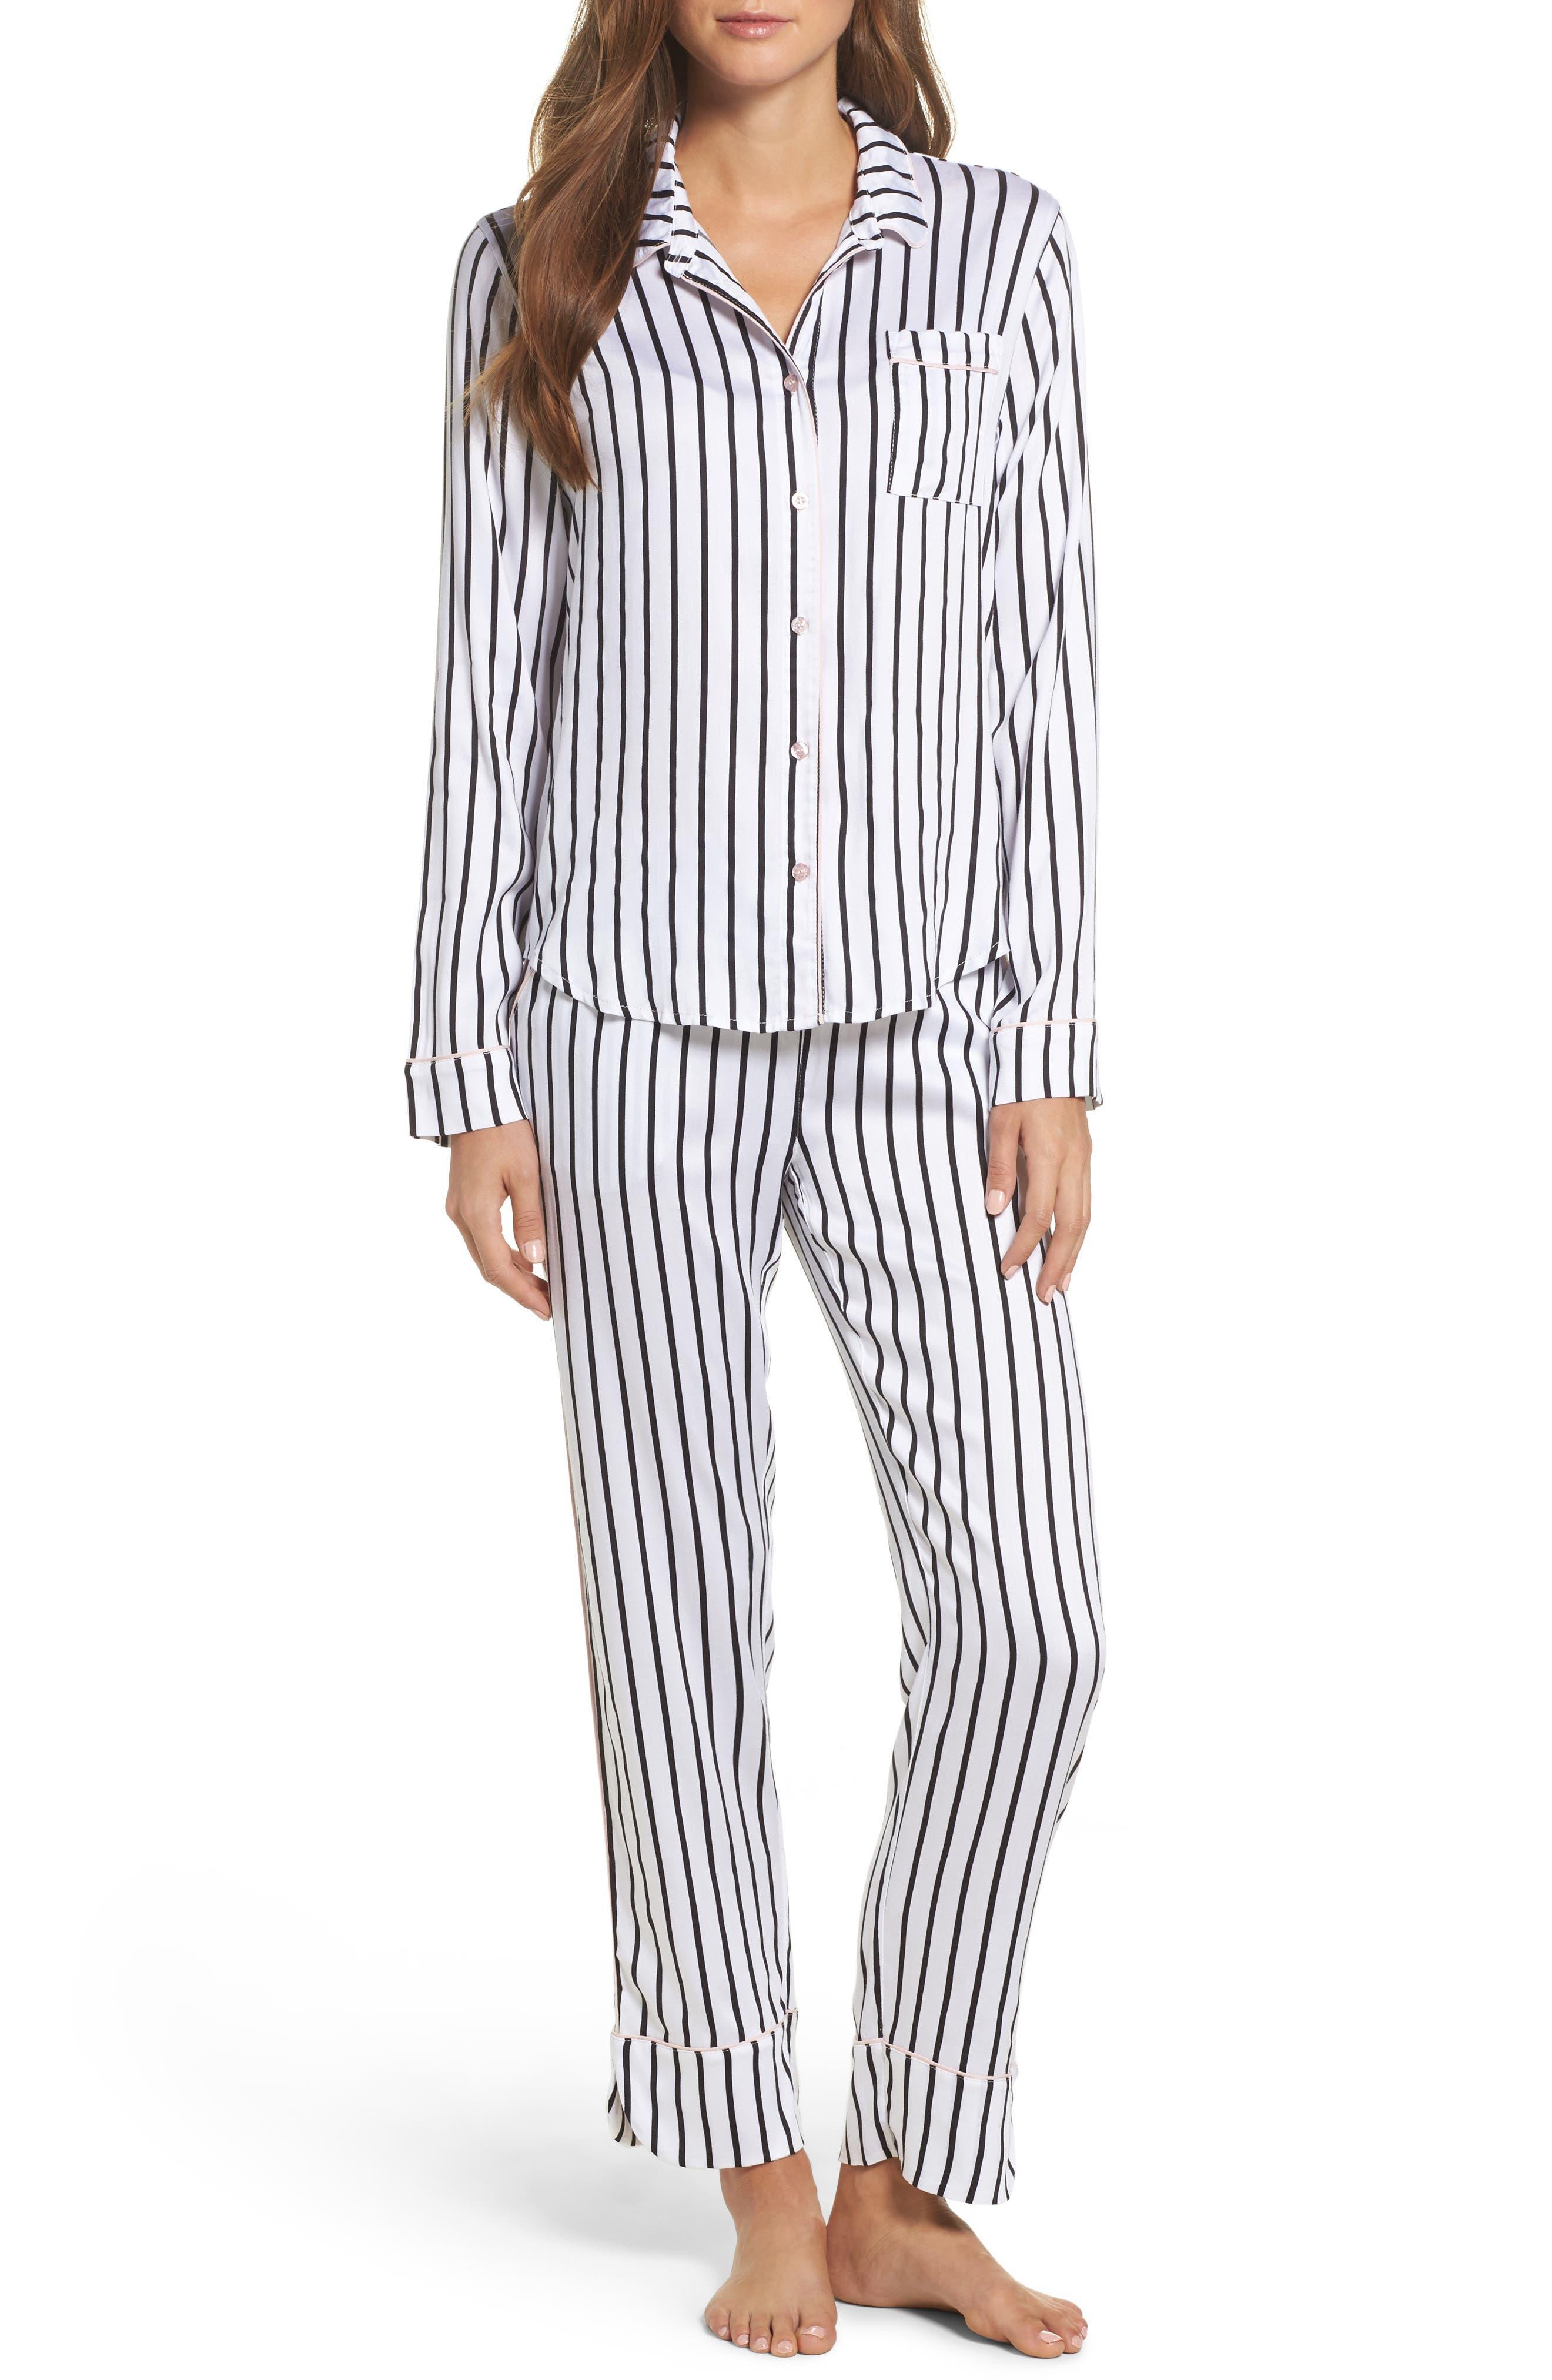 Jersey Pajamas,                             Main thumbnail 1, color,                             Ivory